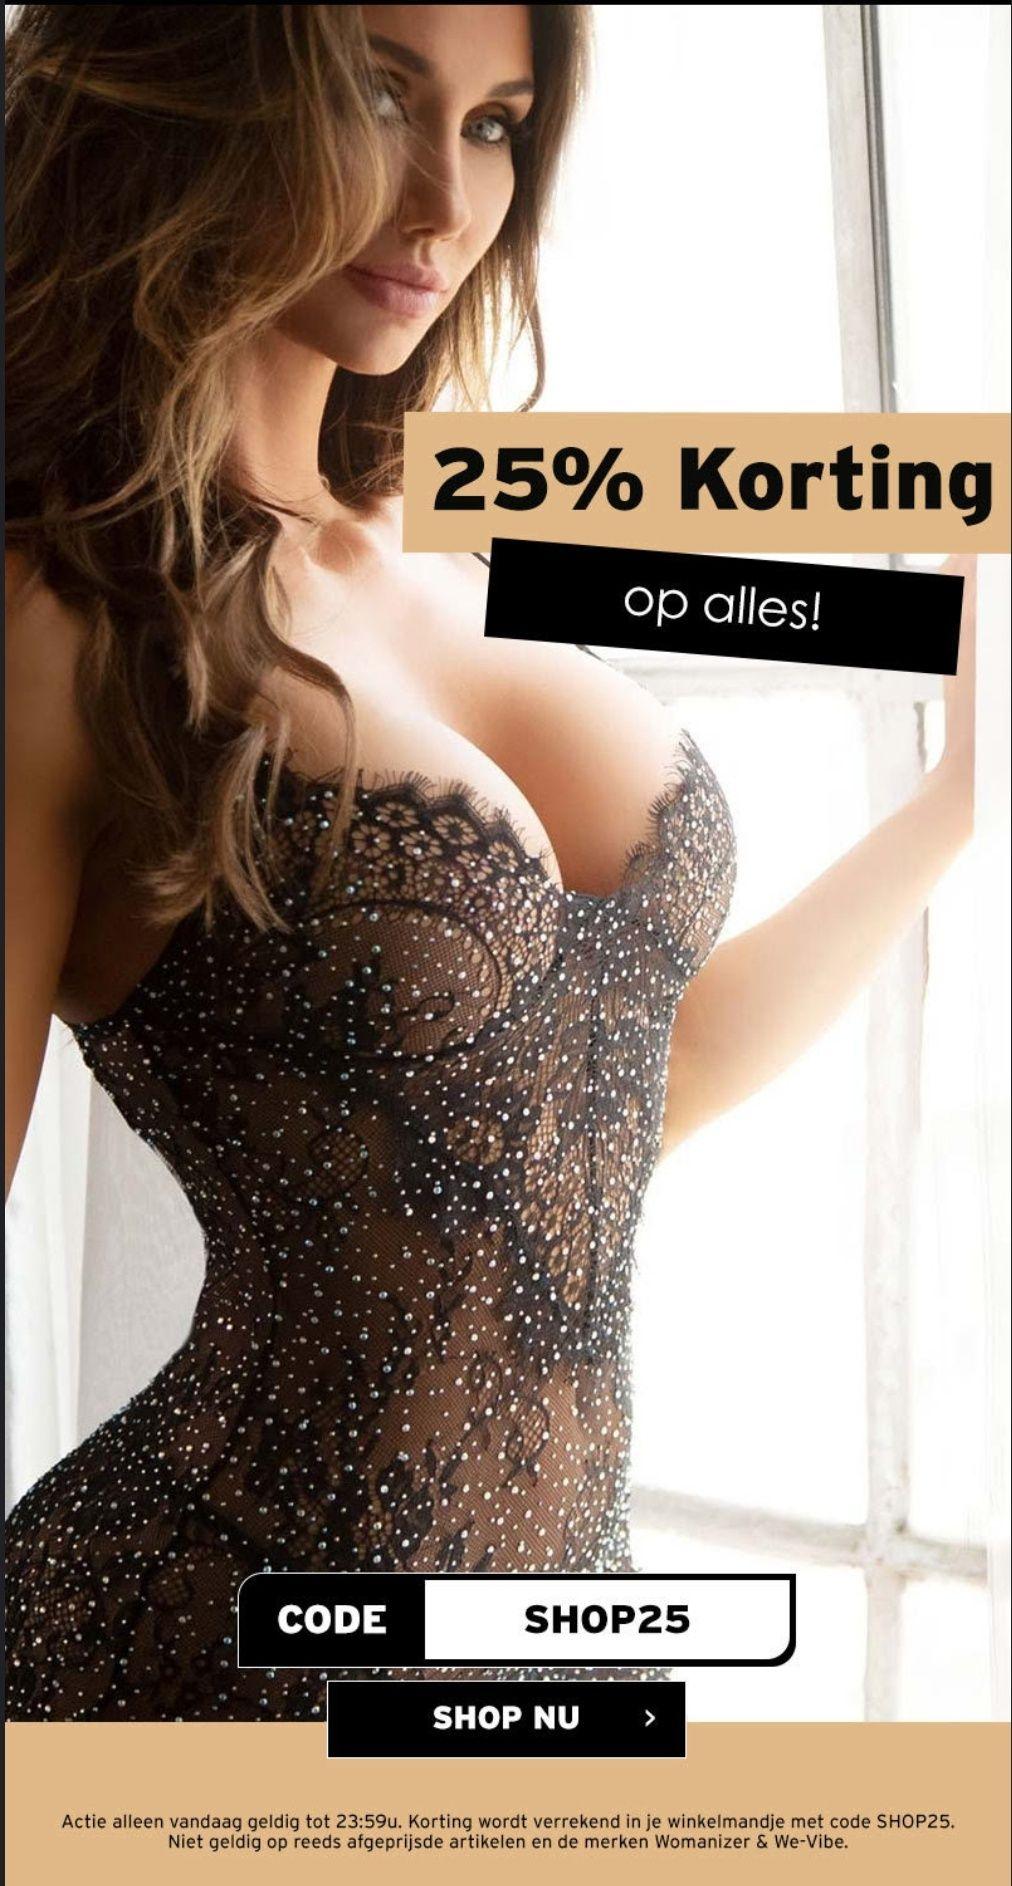 25% korting op alles bij Christine le Duc